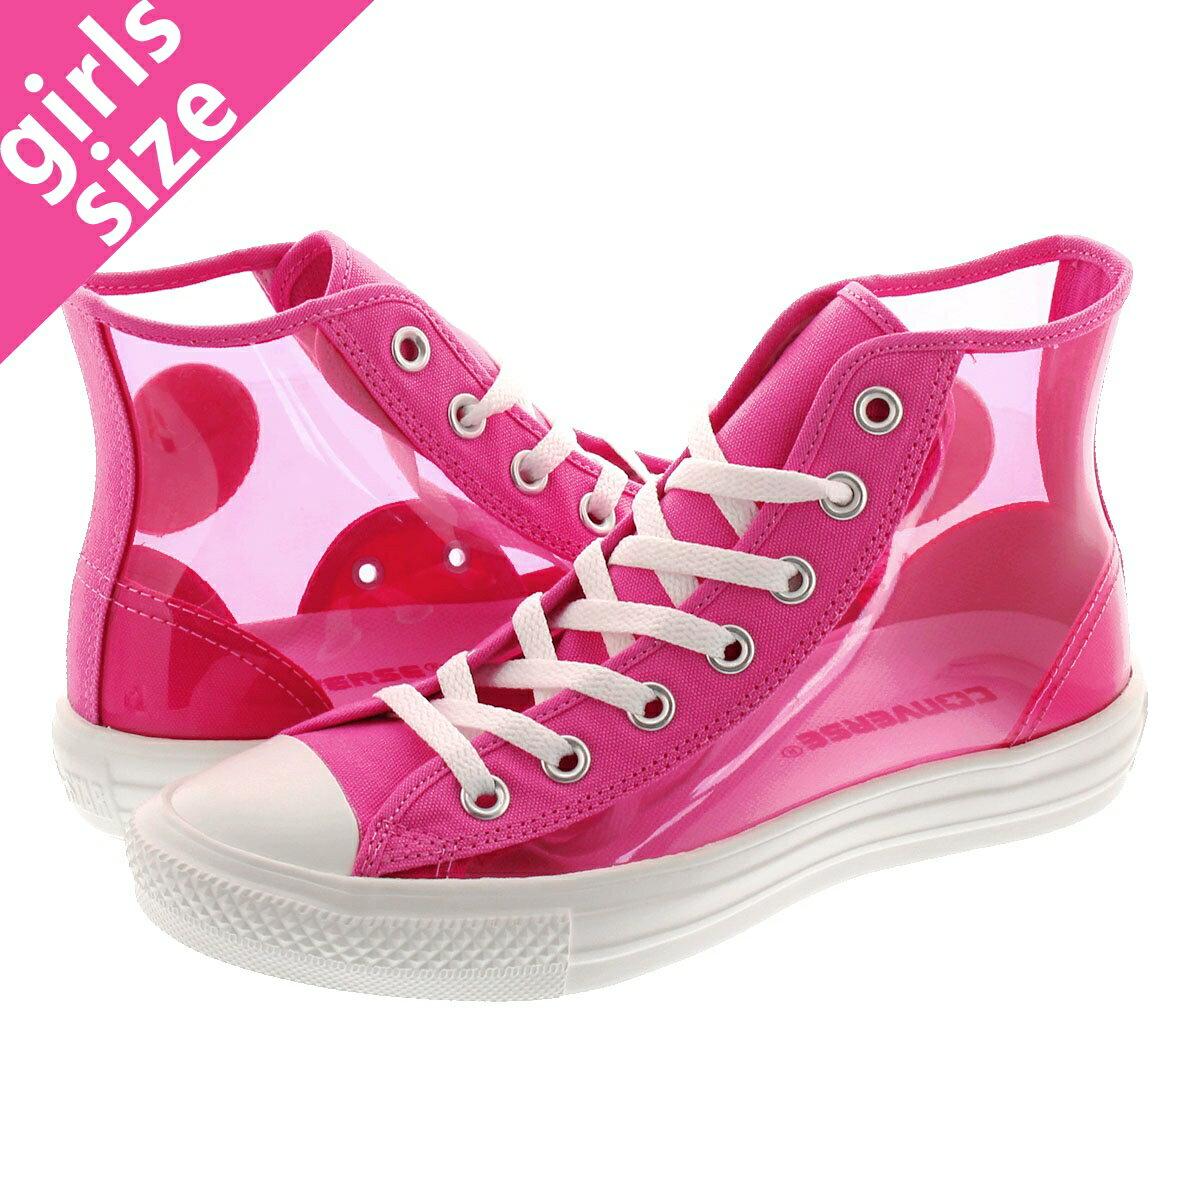 メンズ靴, スニーカー CONVERSE ALL STAR LIGHT CLEARMATERIAL HI PINK 31300440